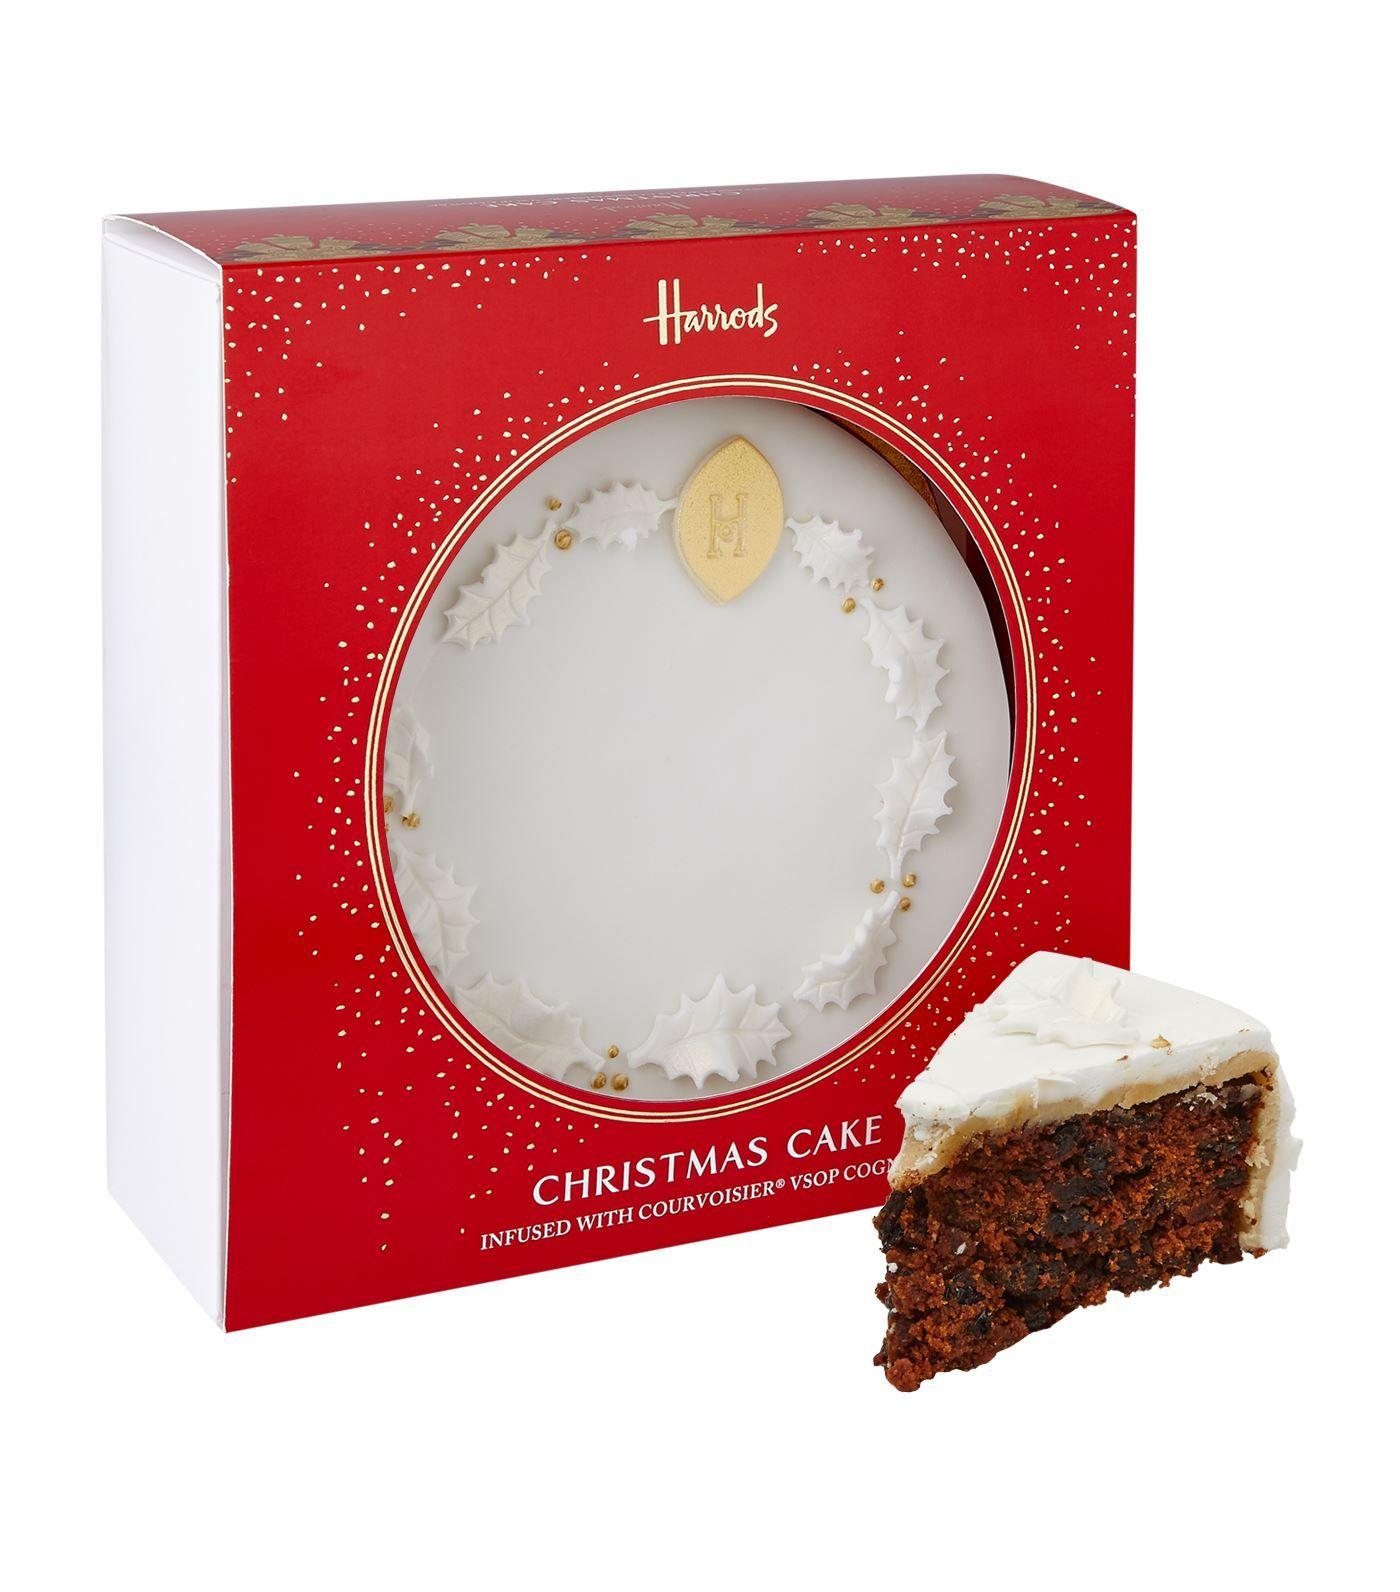 Harrods Christmas Cake with Courvoisier V.S.O.P. Cognac (1.23kg ...